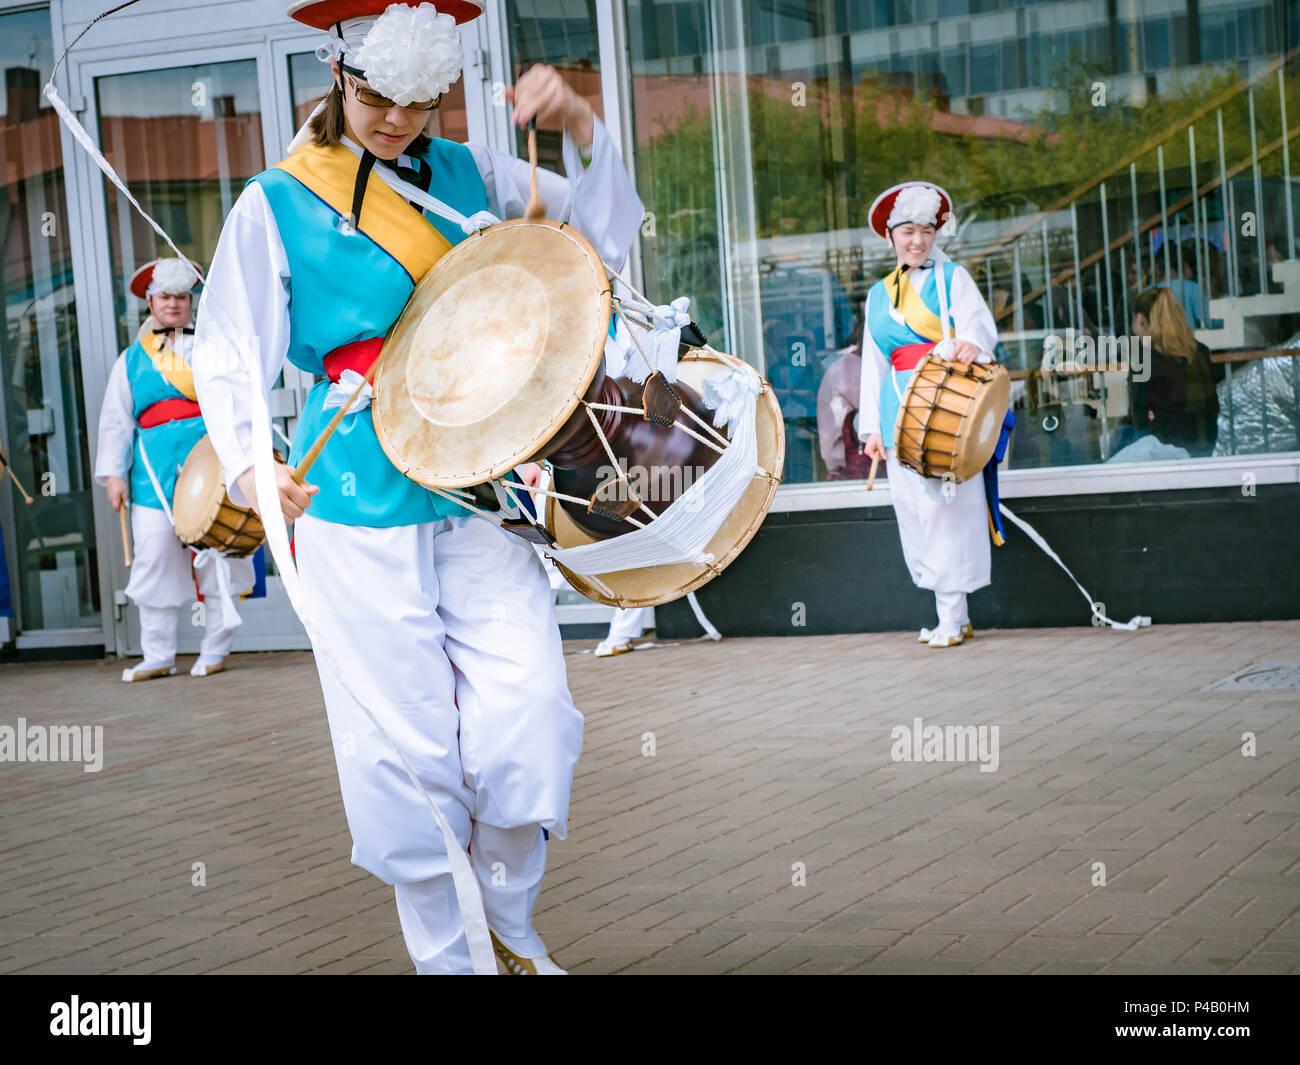 Janggu Stock Photos & Janggu Stock Images - Alamy